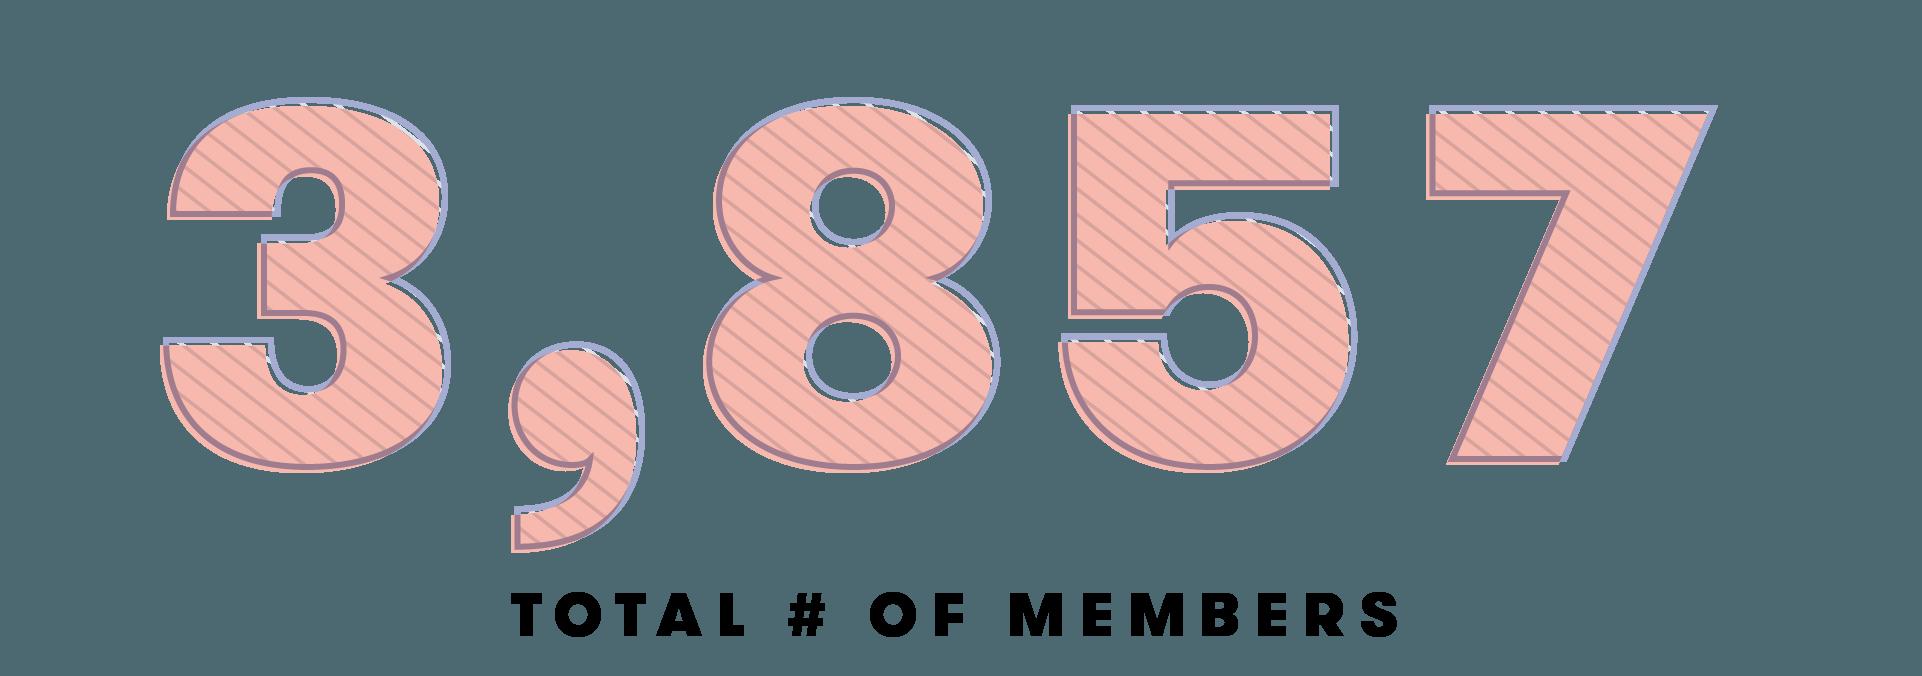 members@2x-8.png